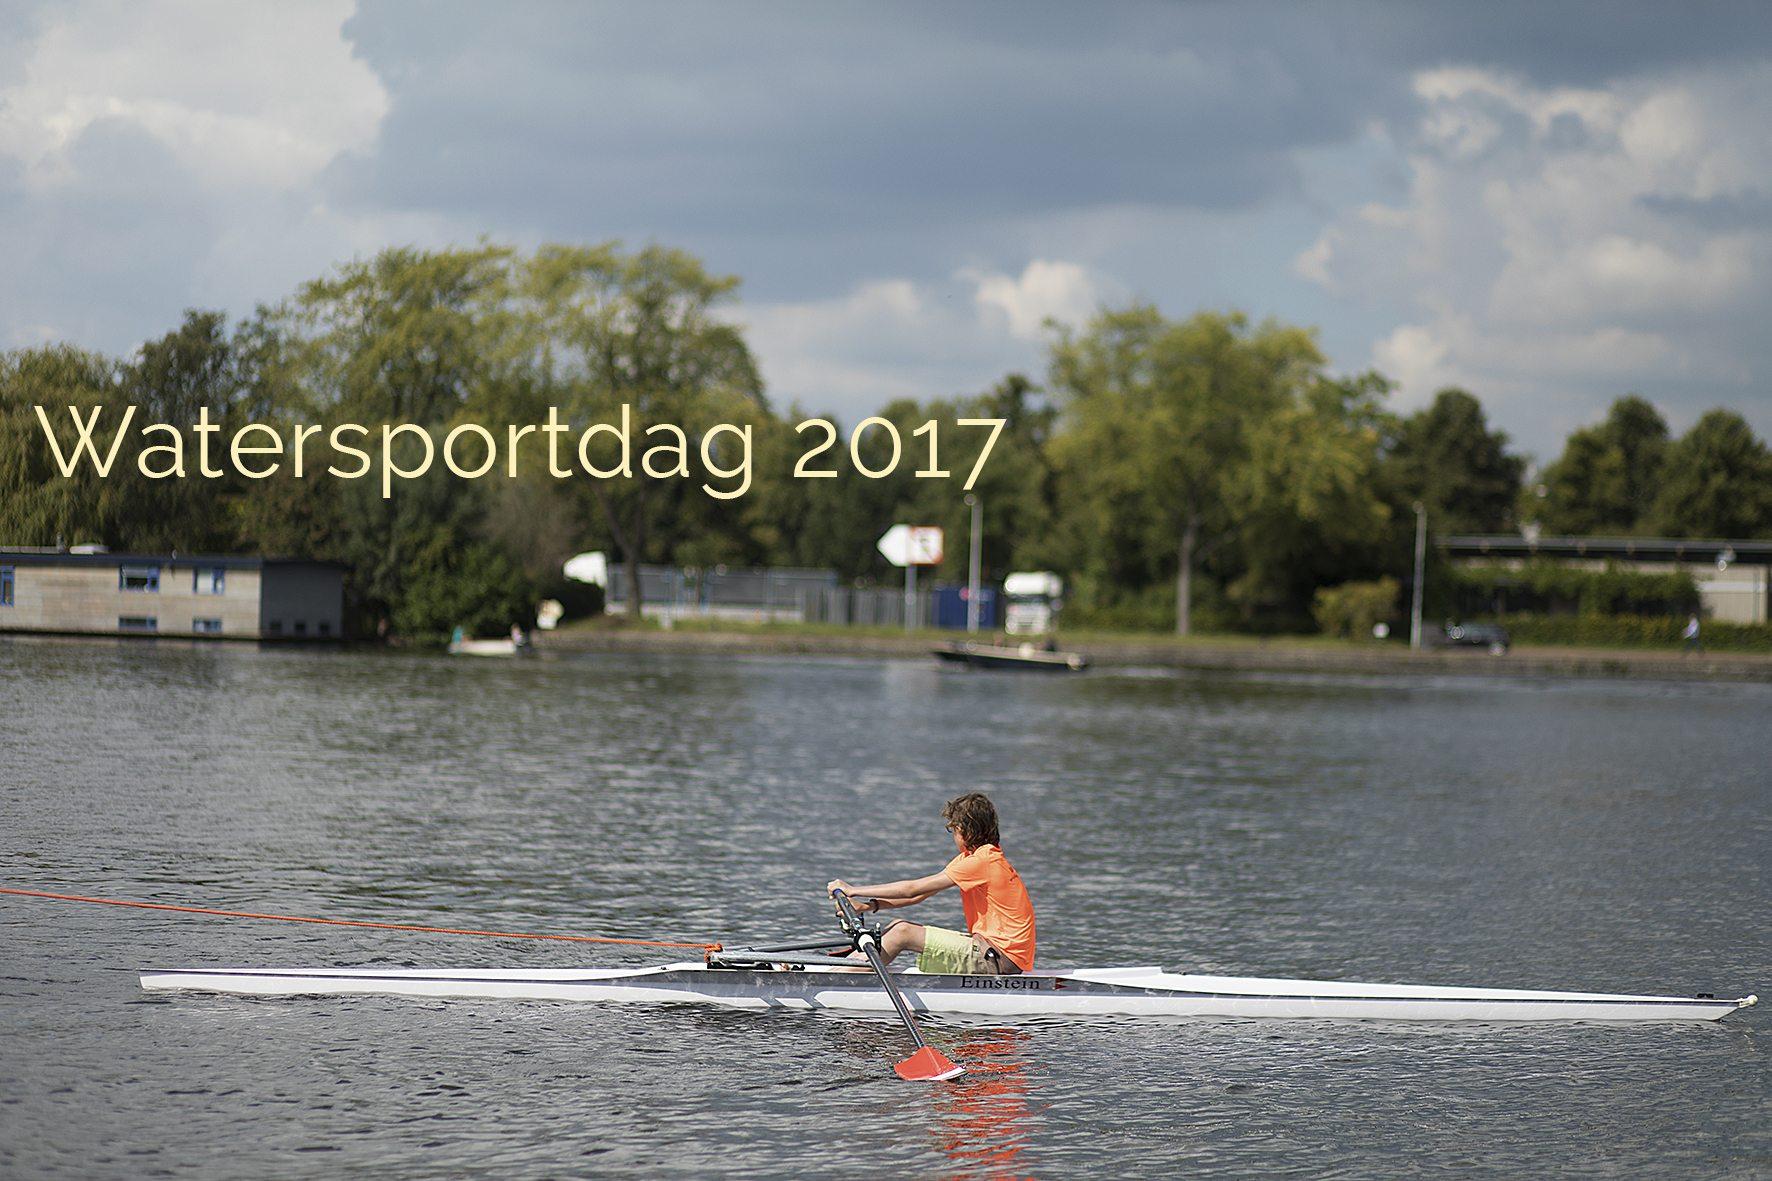 Watersportdag 2017